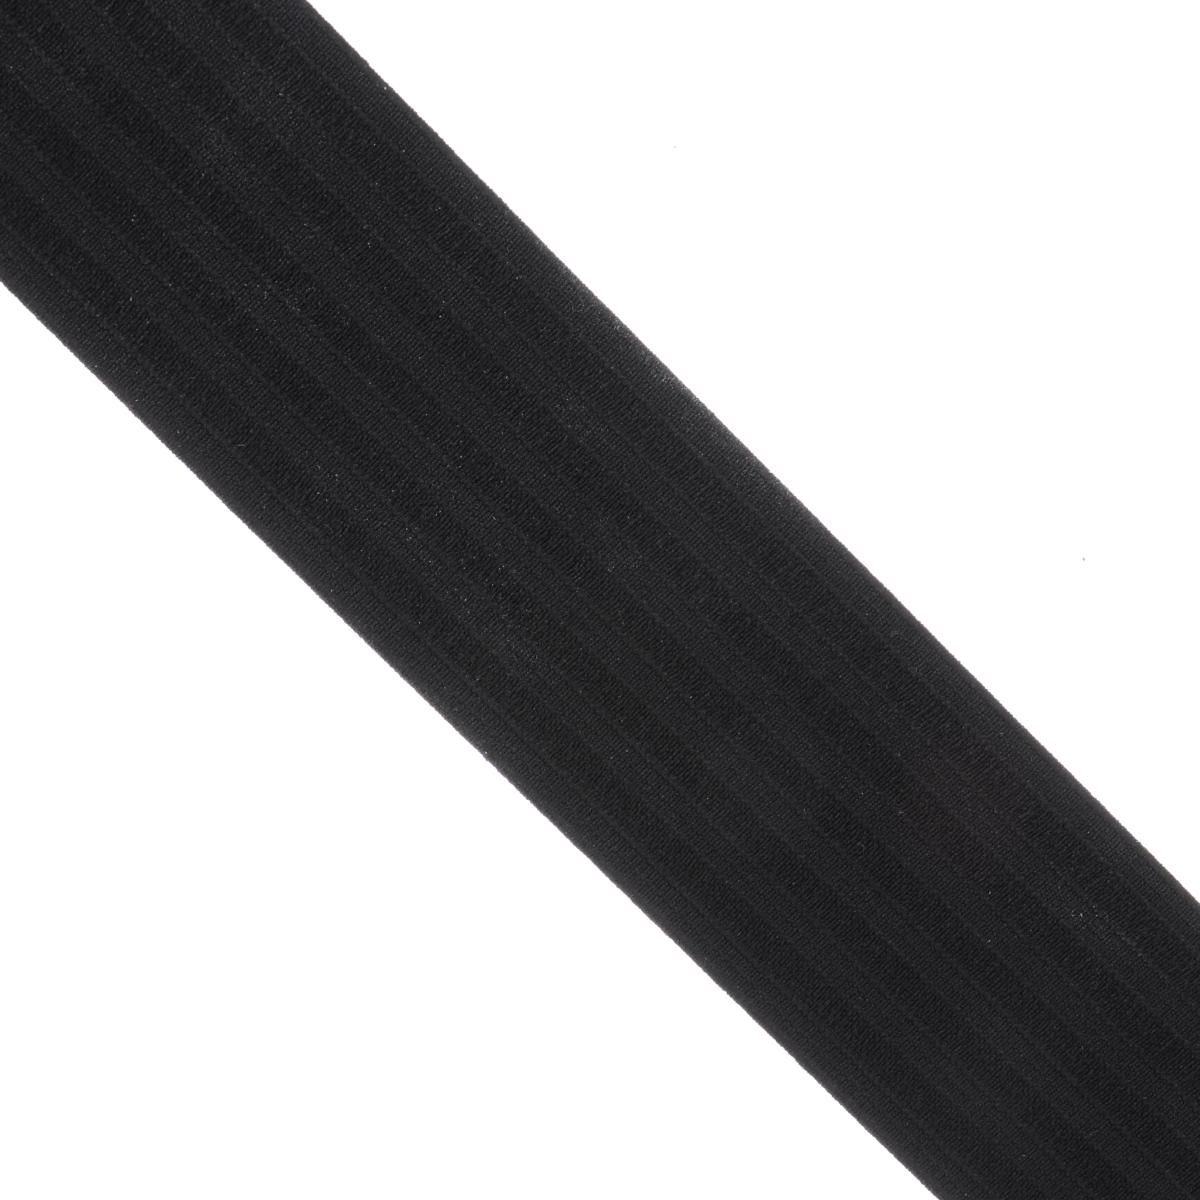 Лента эластичная Prym, для уплотнения шва, цвет: черный, ширина 5 см, длина 10 м693546Эластичная лента Prym предназначена для уплотнения шва. Выполнена из полиэстера (80%) и эластомера (20%). Ткань прочная, стабильная, облегчает равномерное притачивание внутренней отделки. Длина ленты: 10 м. Ширина ленты: 5 см.